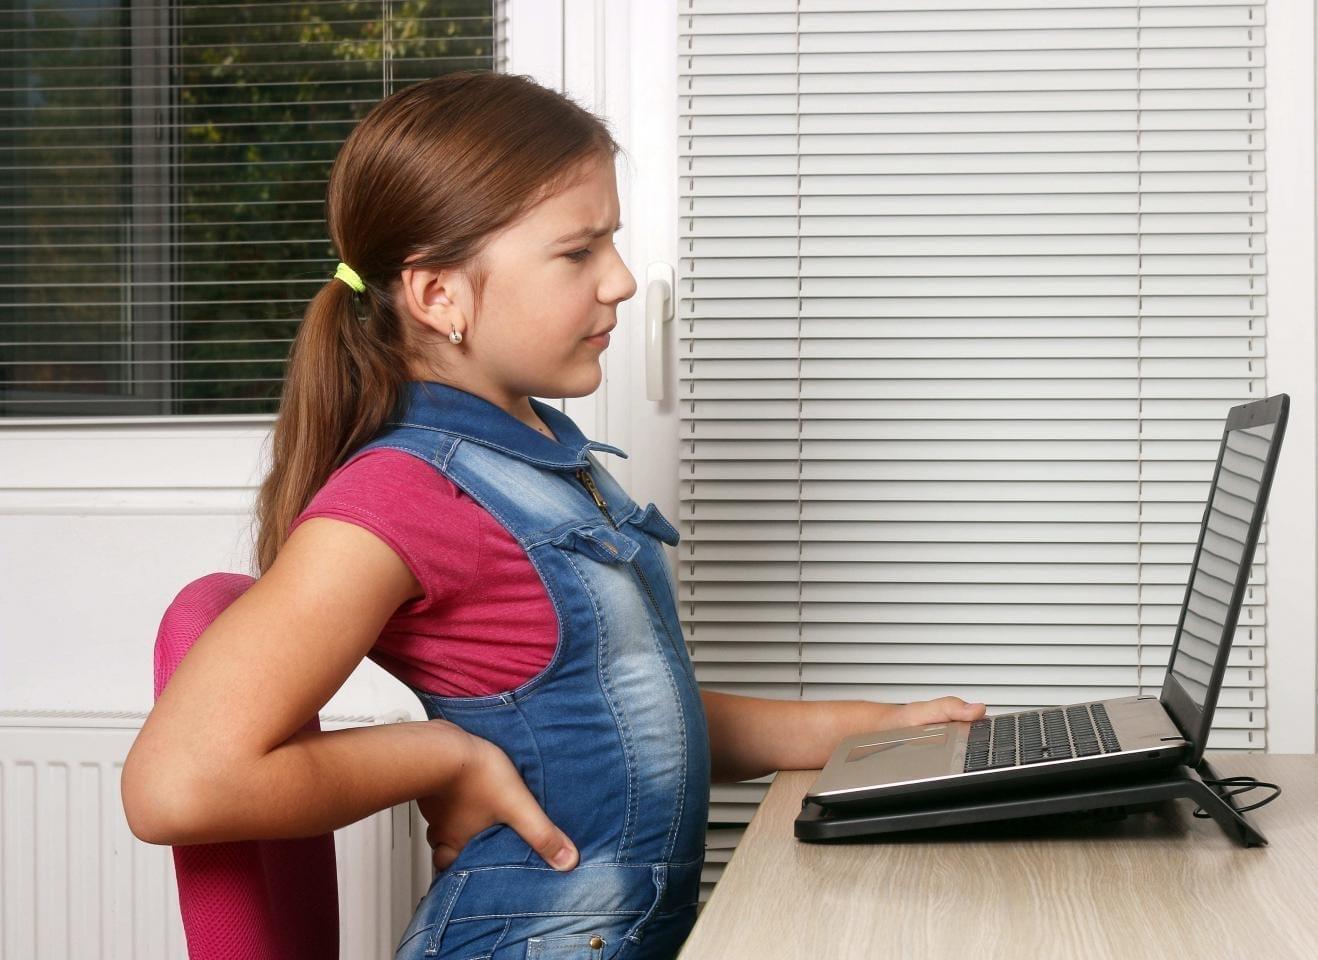 девочка неправильно сидит за компьютером из-за чего боль в спине